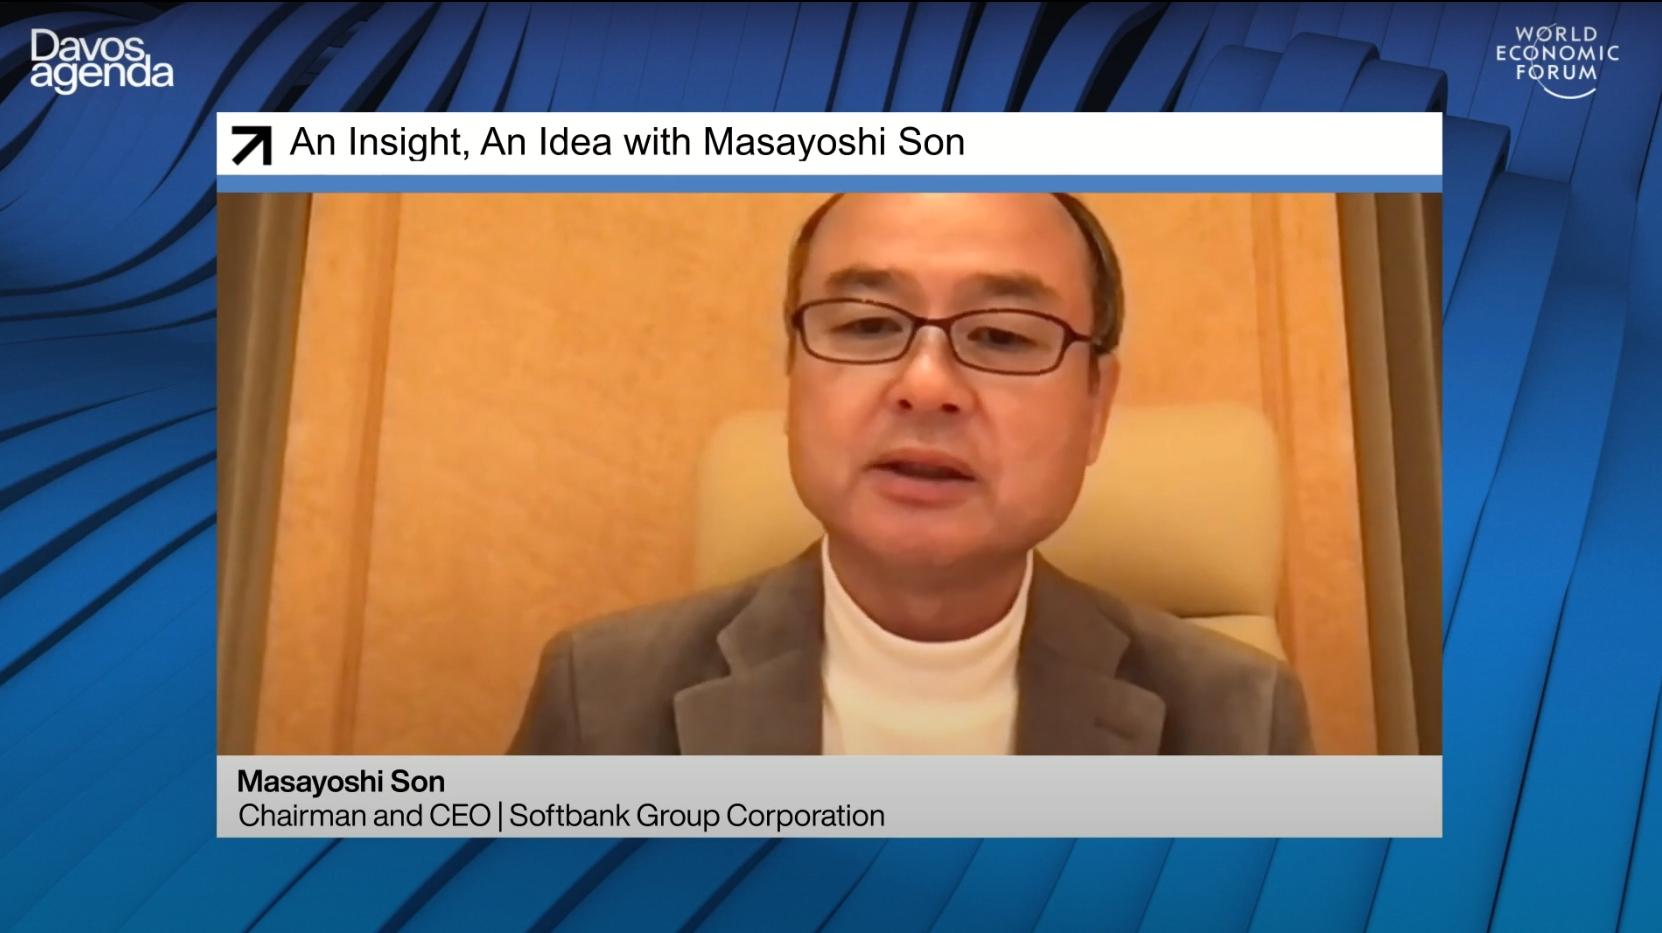 autonomiczna-jazda-sztuczna-inteligencja-masayoshi-son-wold-economic-forum